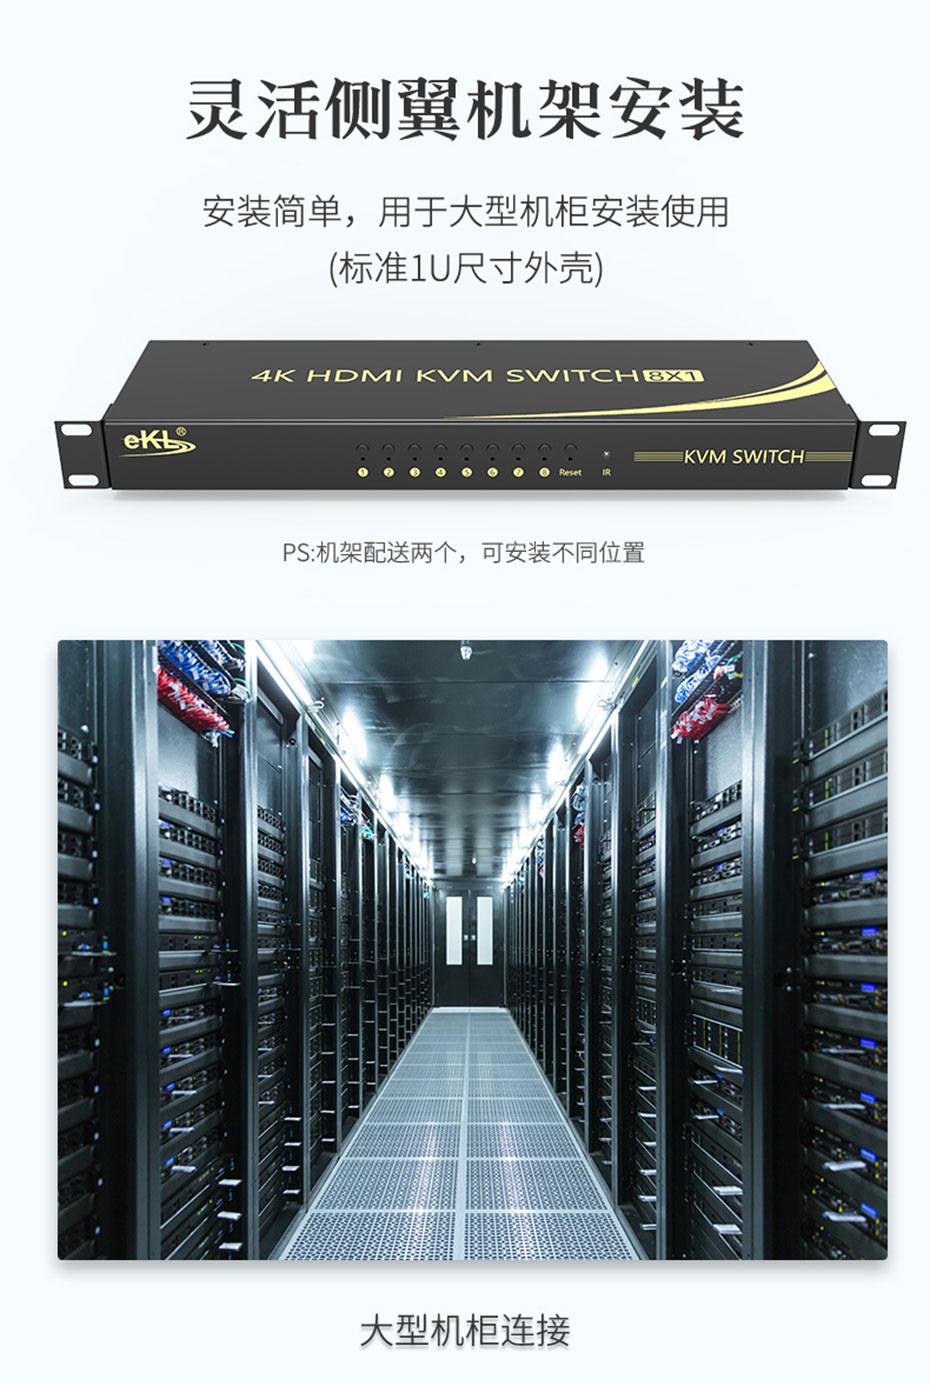 八进一出HDMI KVM切换器81H支持大型机柜安装